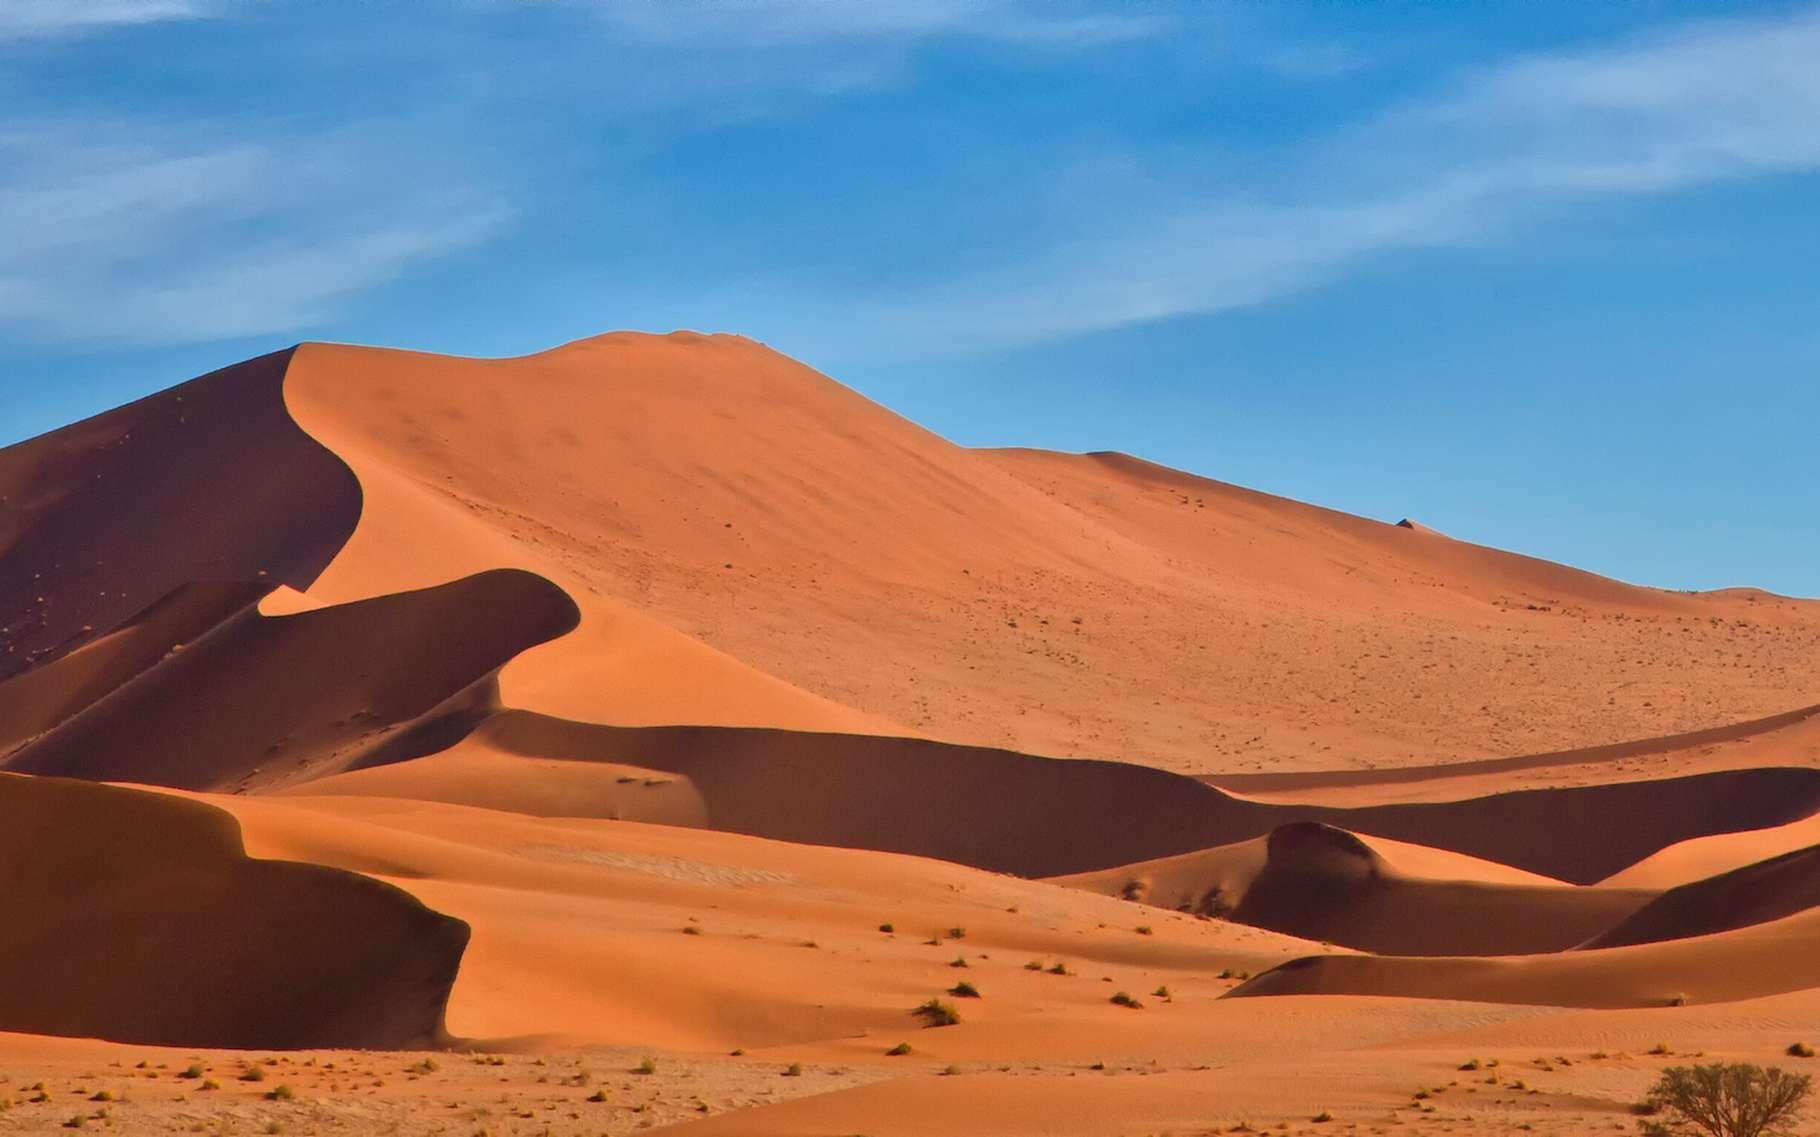 Dans la nature, les dunes sont en mouvement permanent. Et des physiciens de l'université de Cambridge (Royaume-Uni) proposent aujourd'hui un nouveau modèle pour prévoir ces déplacements. Ils ont observé que les dunes «communiquent» entre elles. © Guy Bryant, Adobe Stock